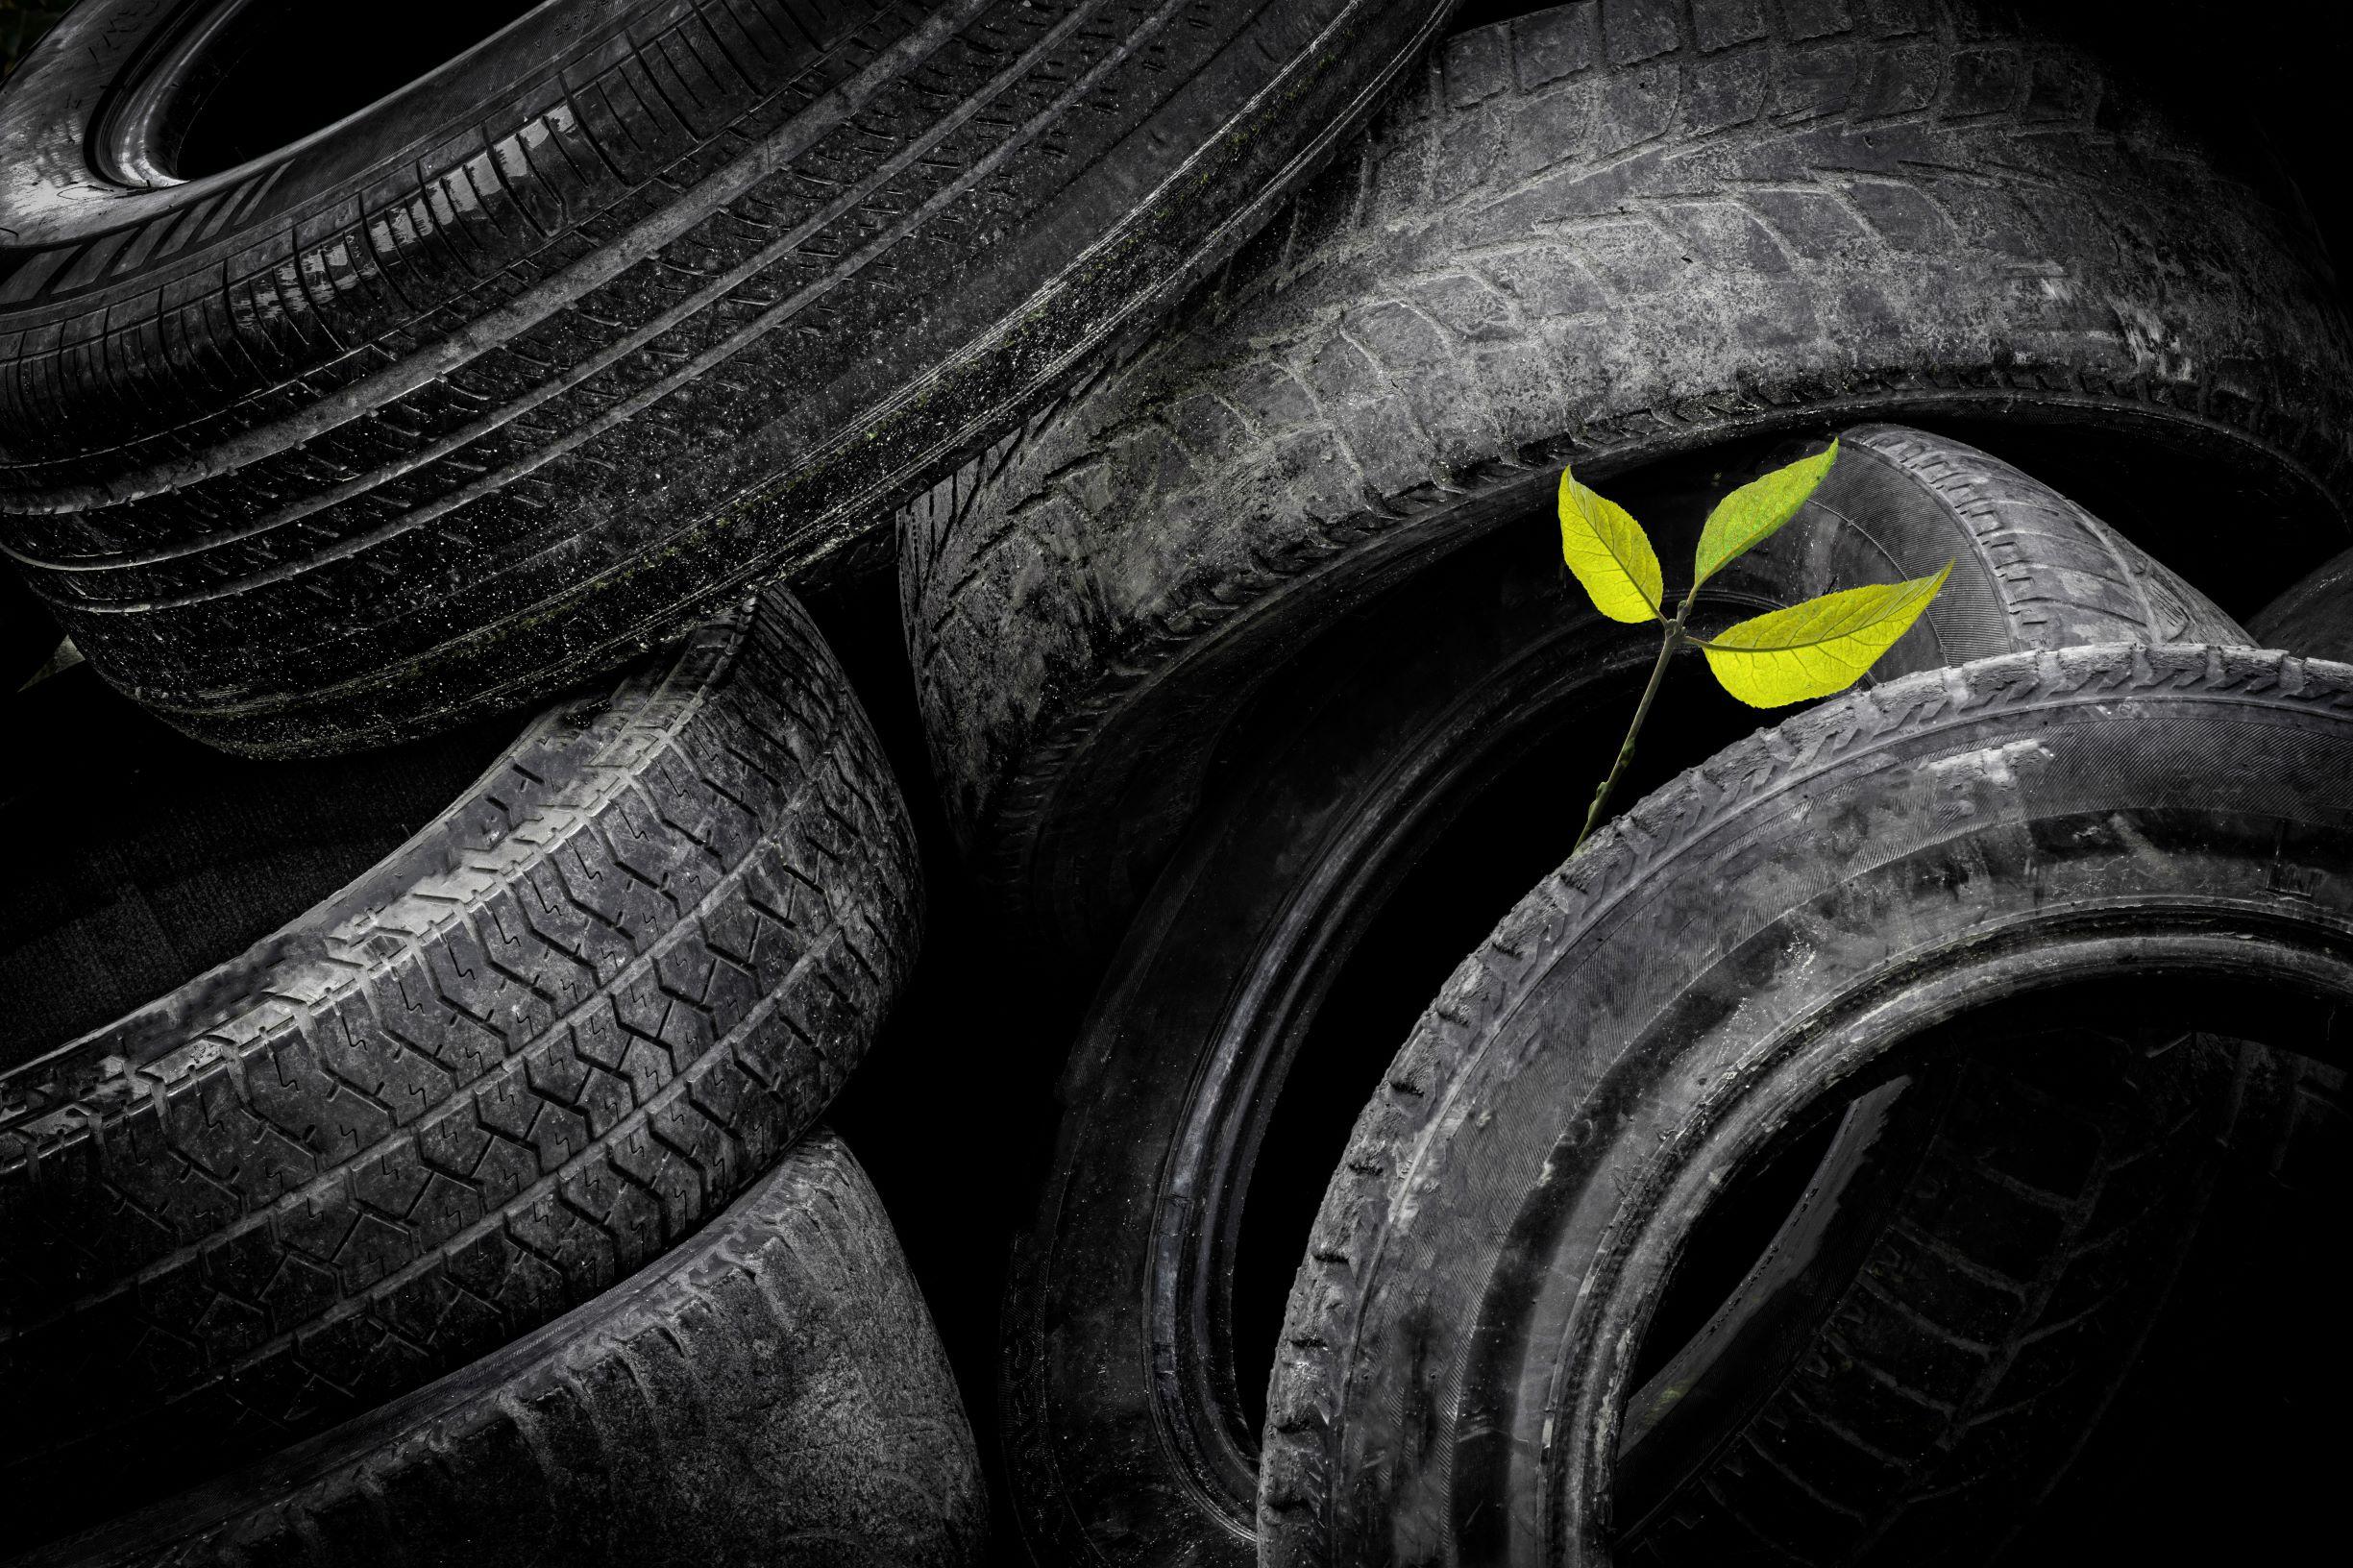 Černá skládka pneu v přírodě